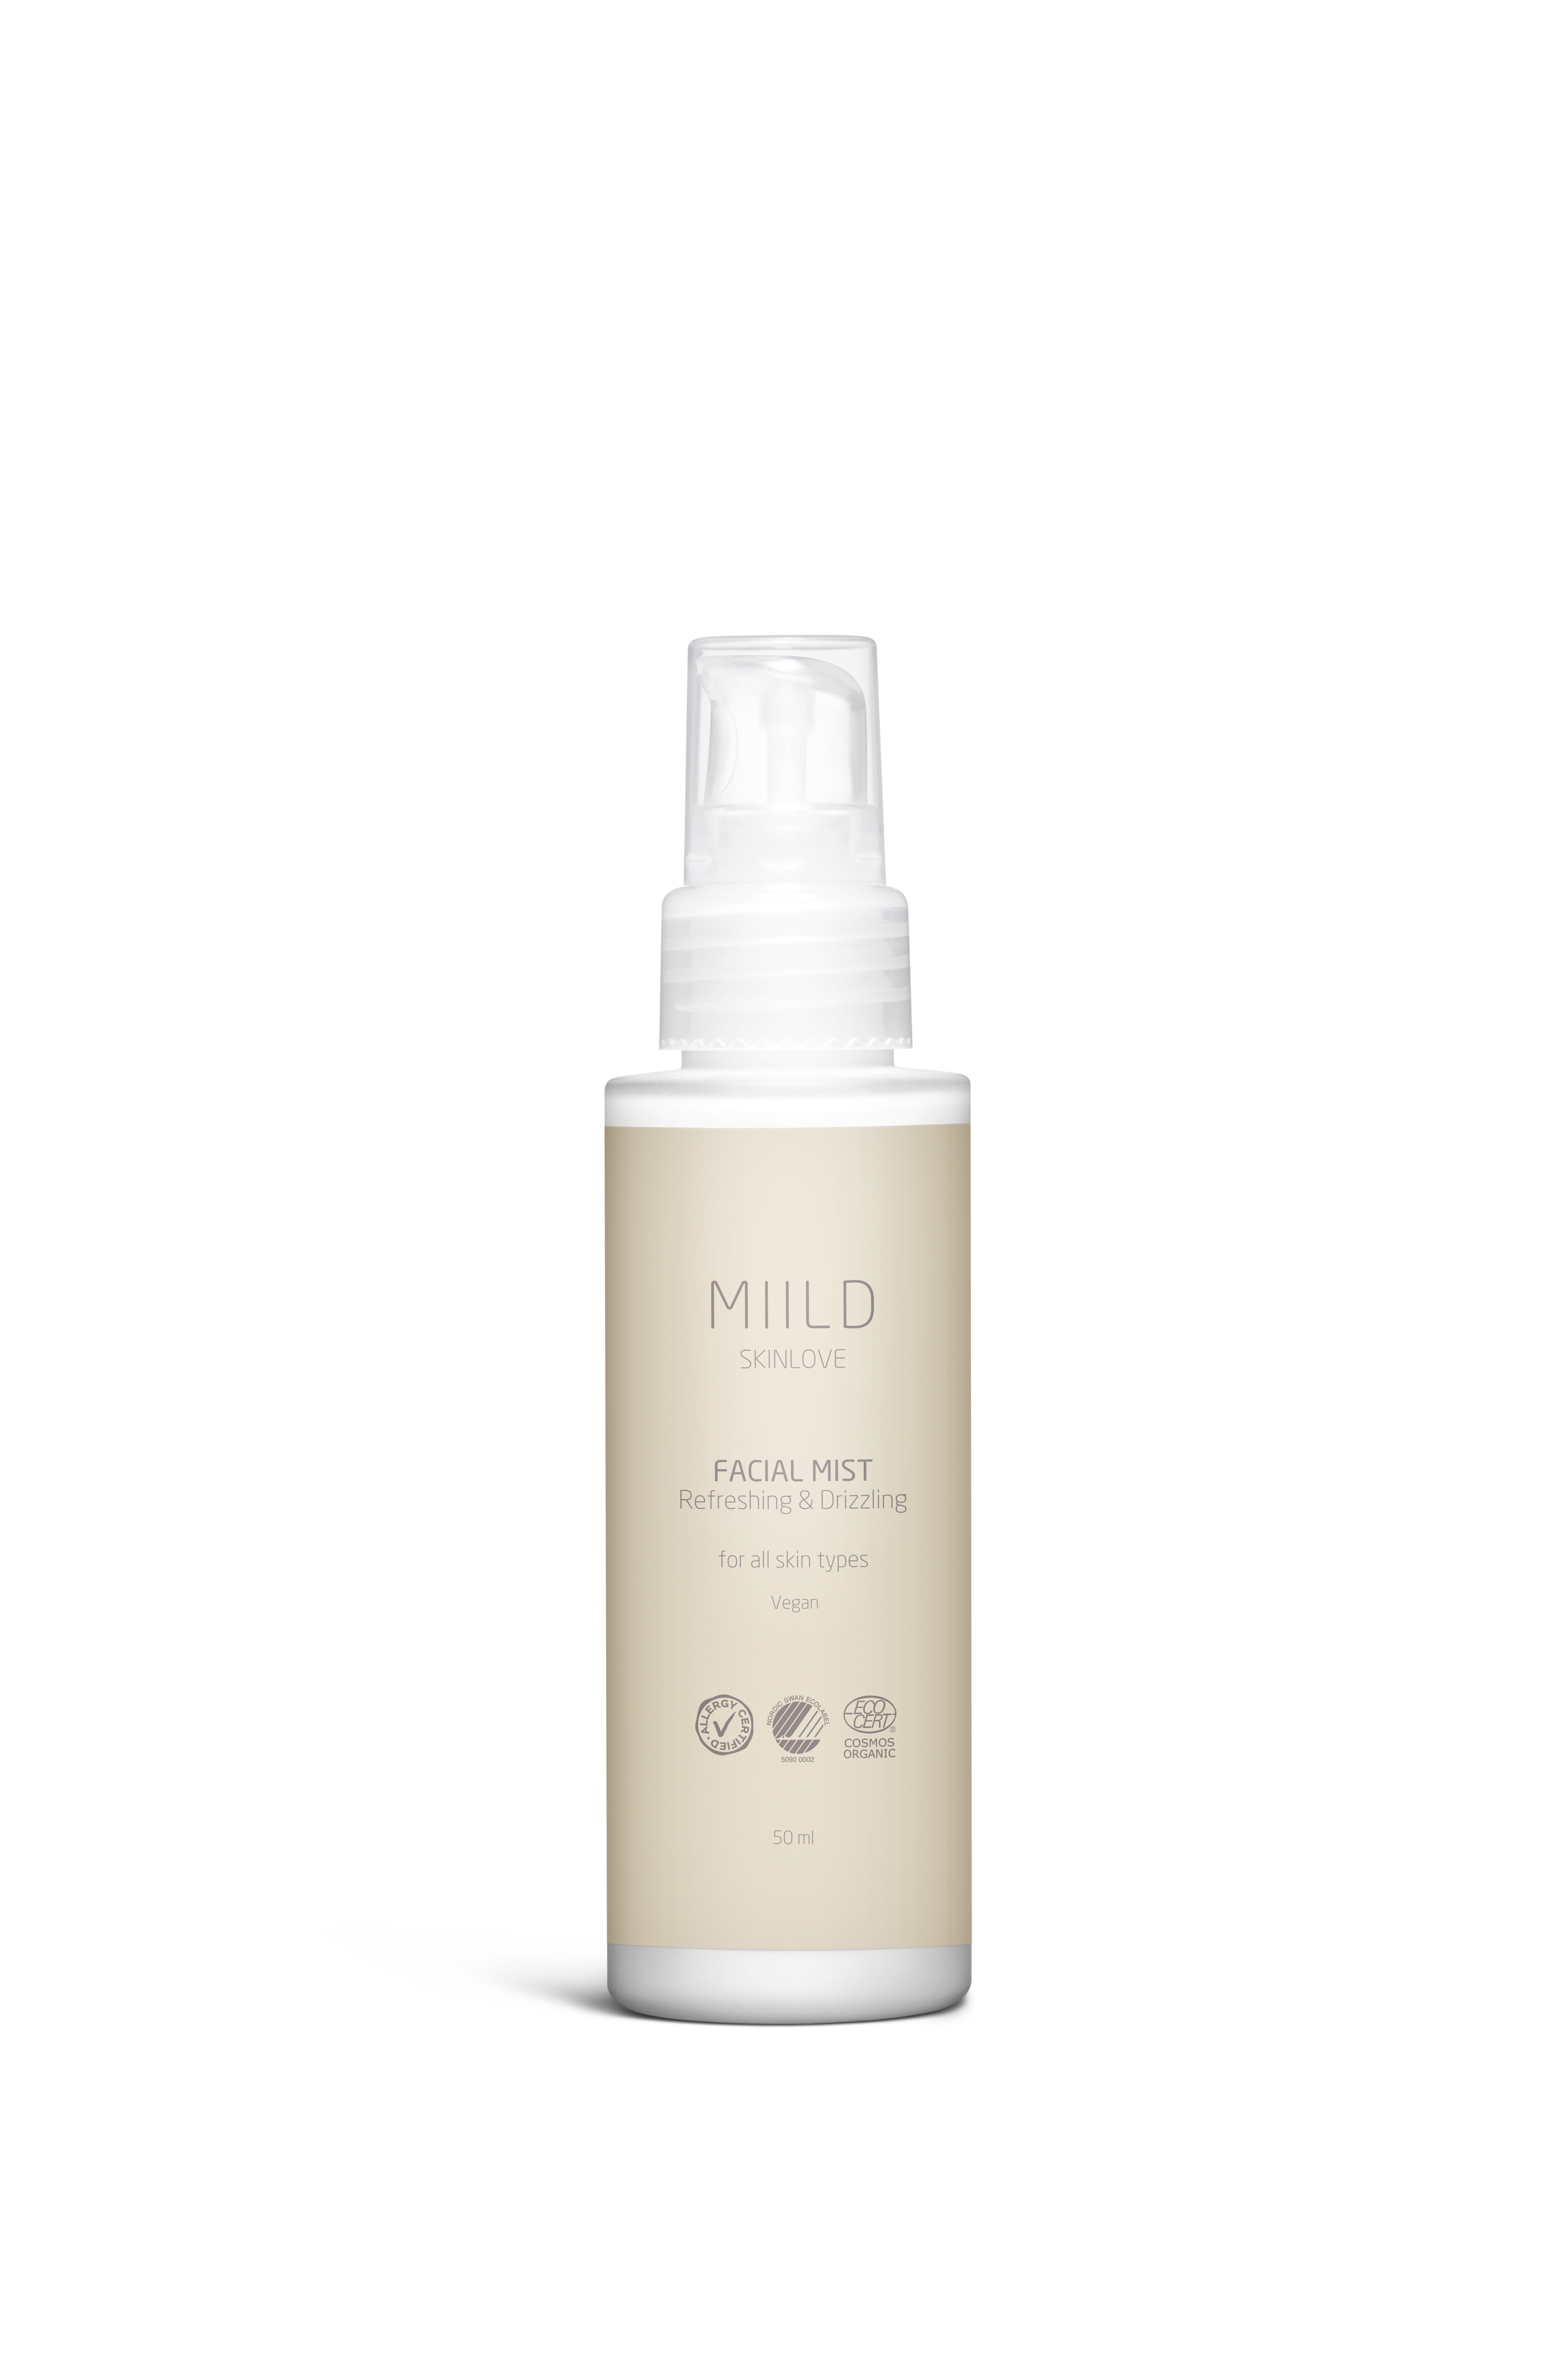 Miild Facial Mist, 50 ml